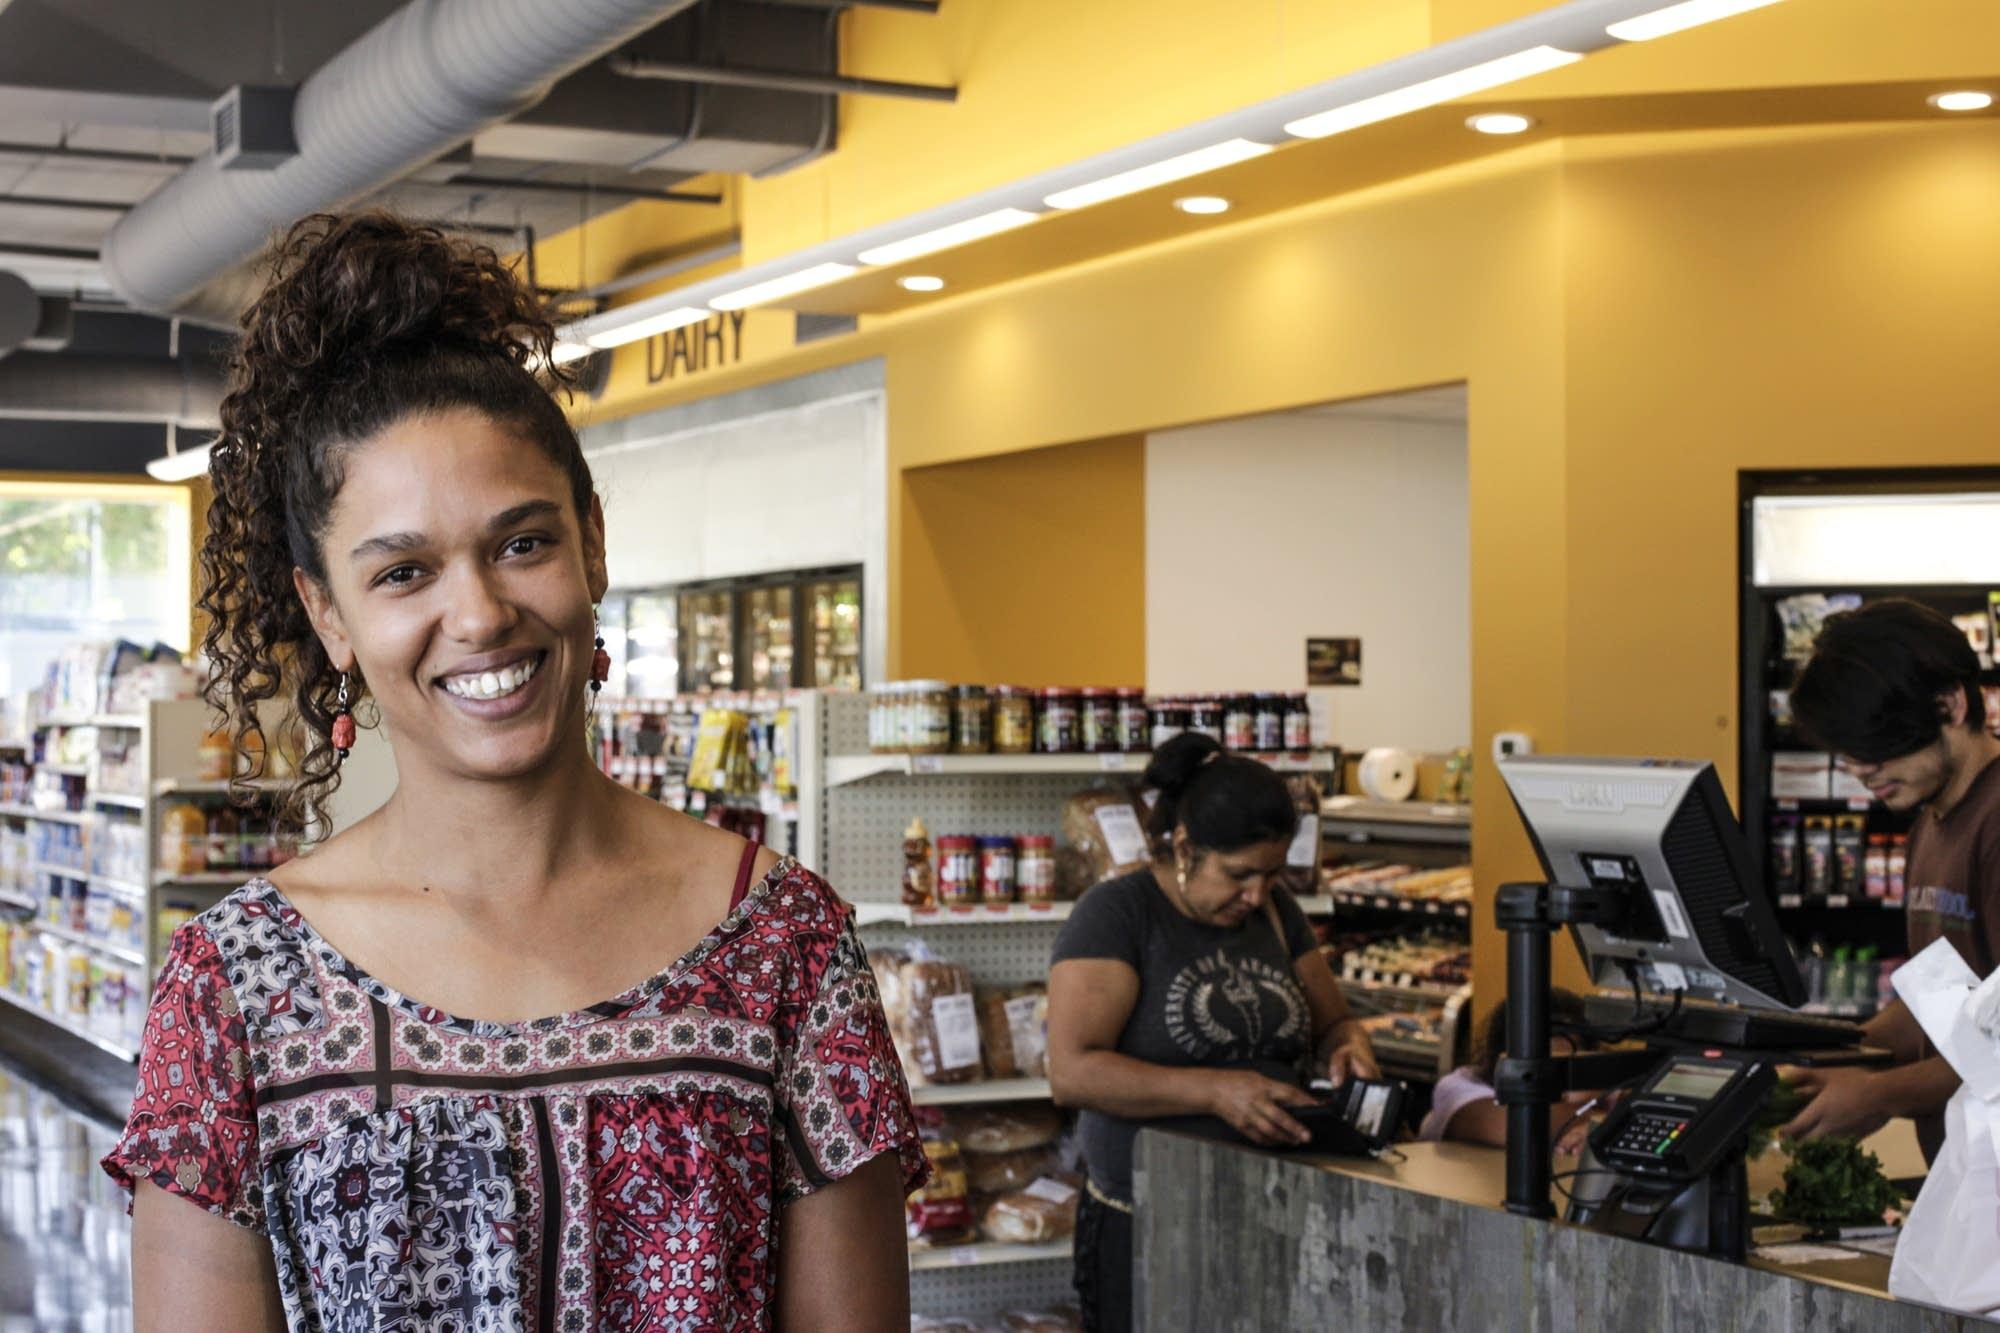 Kristel Porter, one of the co-op's board members